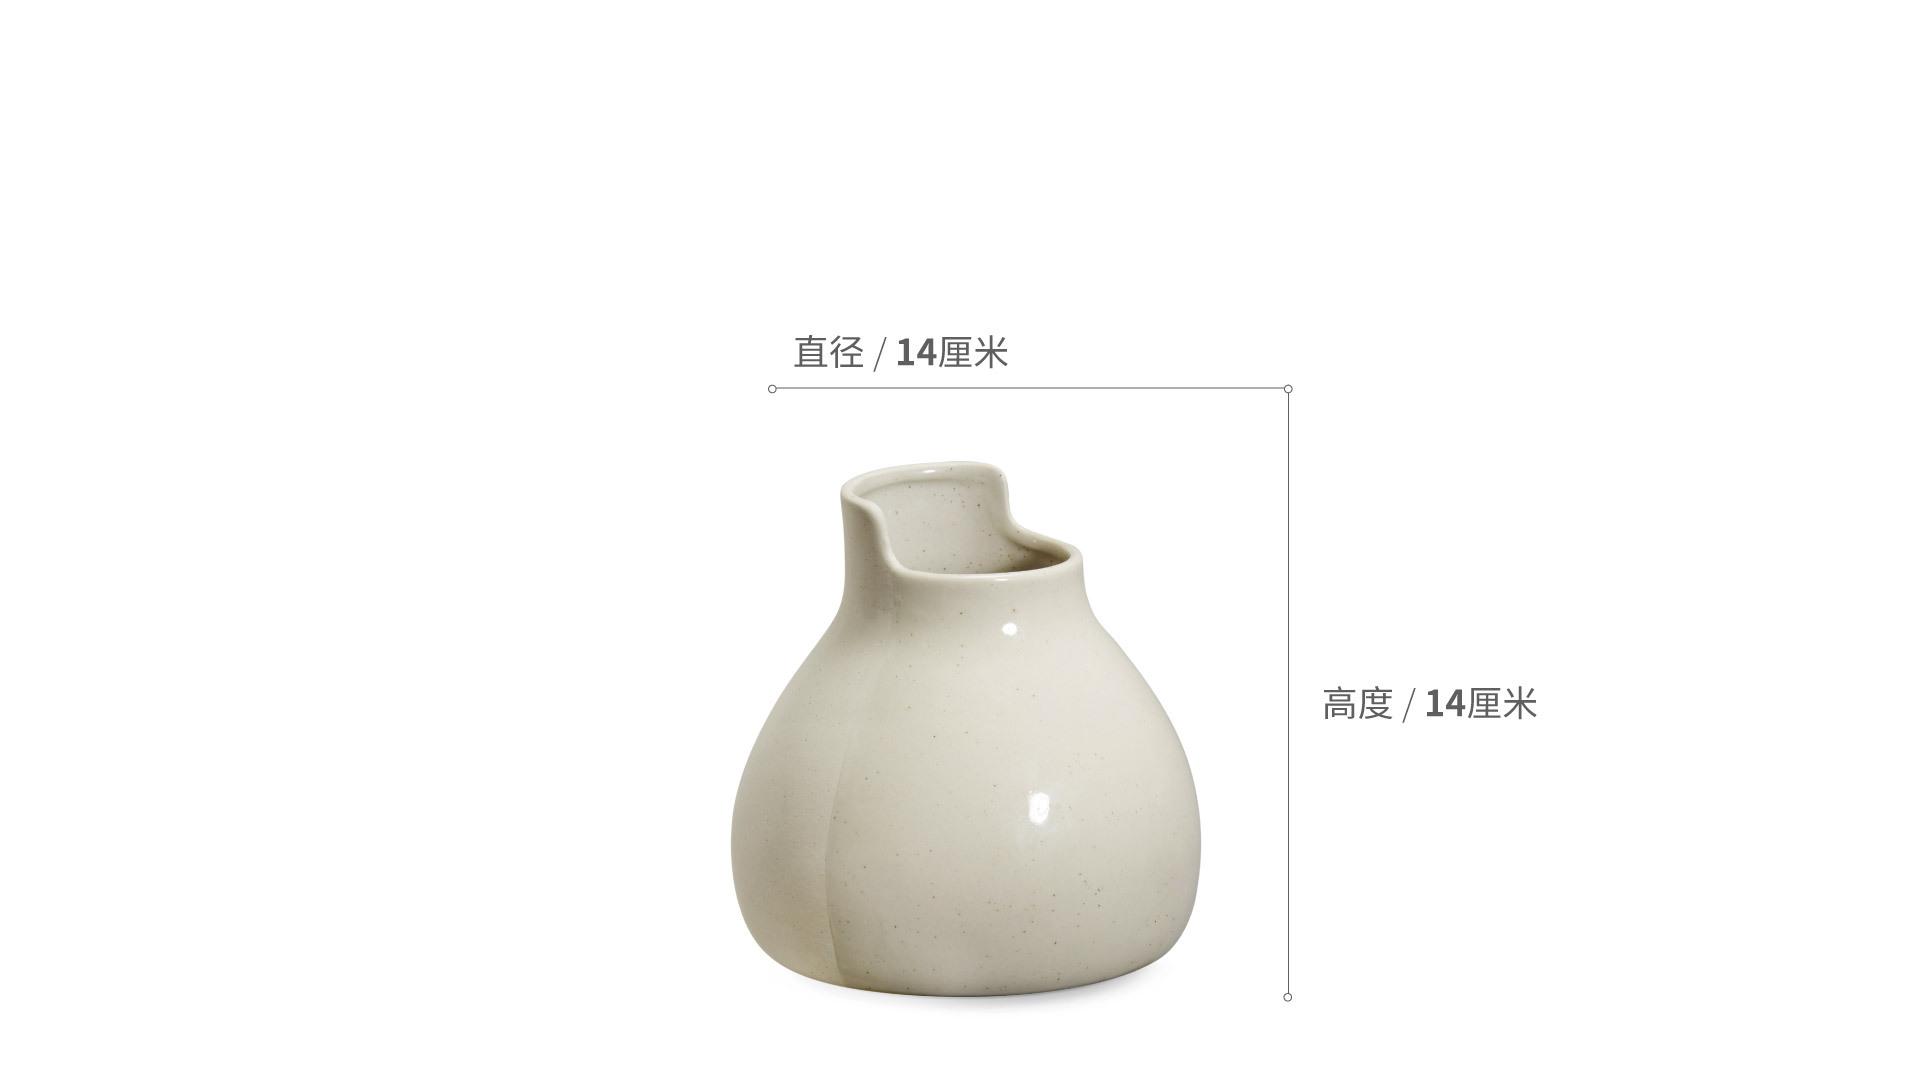 双生陶瓷花瓶小瓶装饰效果图